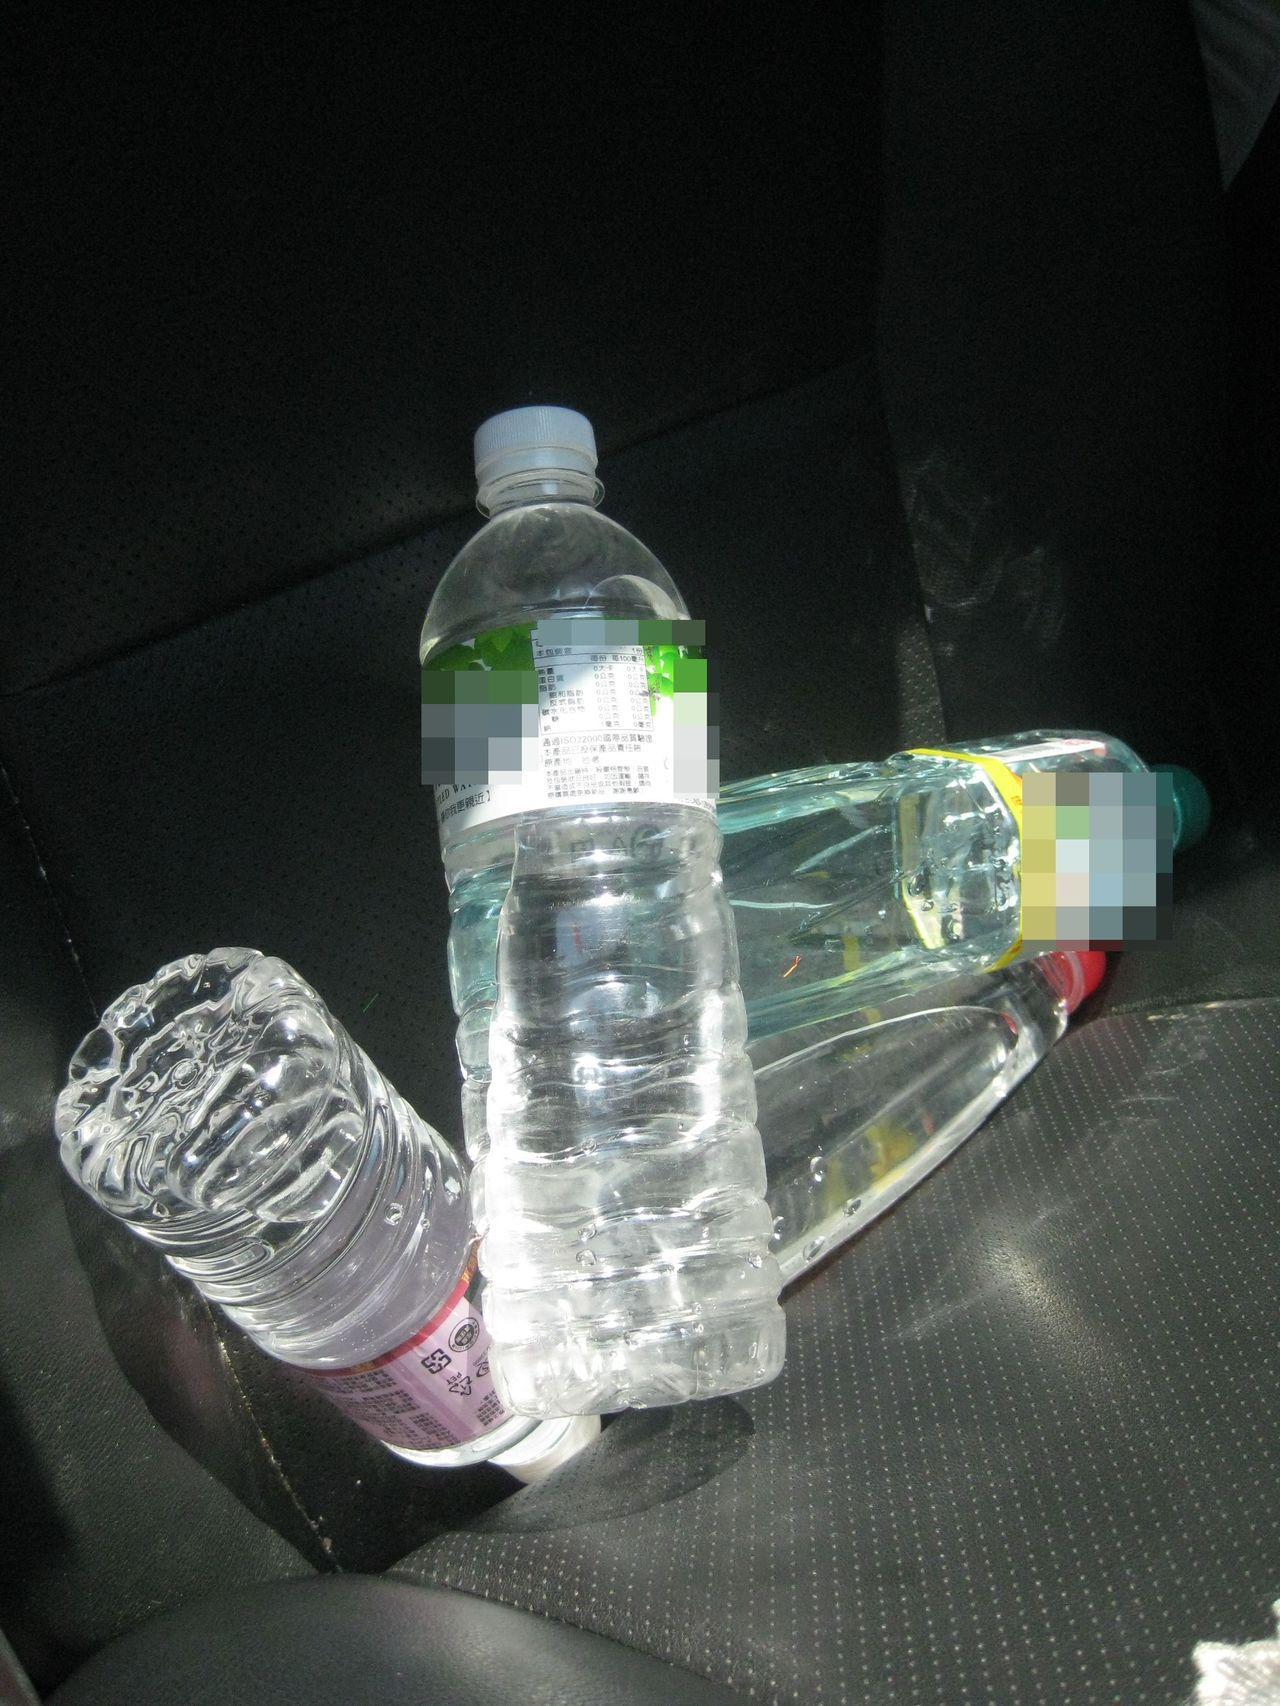 寶特瓶裝礦泉水放在車內,車主離開後可能沒注意陽光照射水瓶。記者簡慧珍/攝影